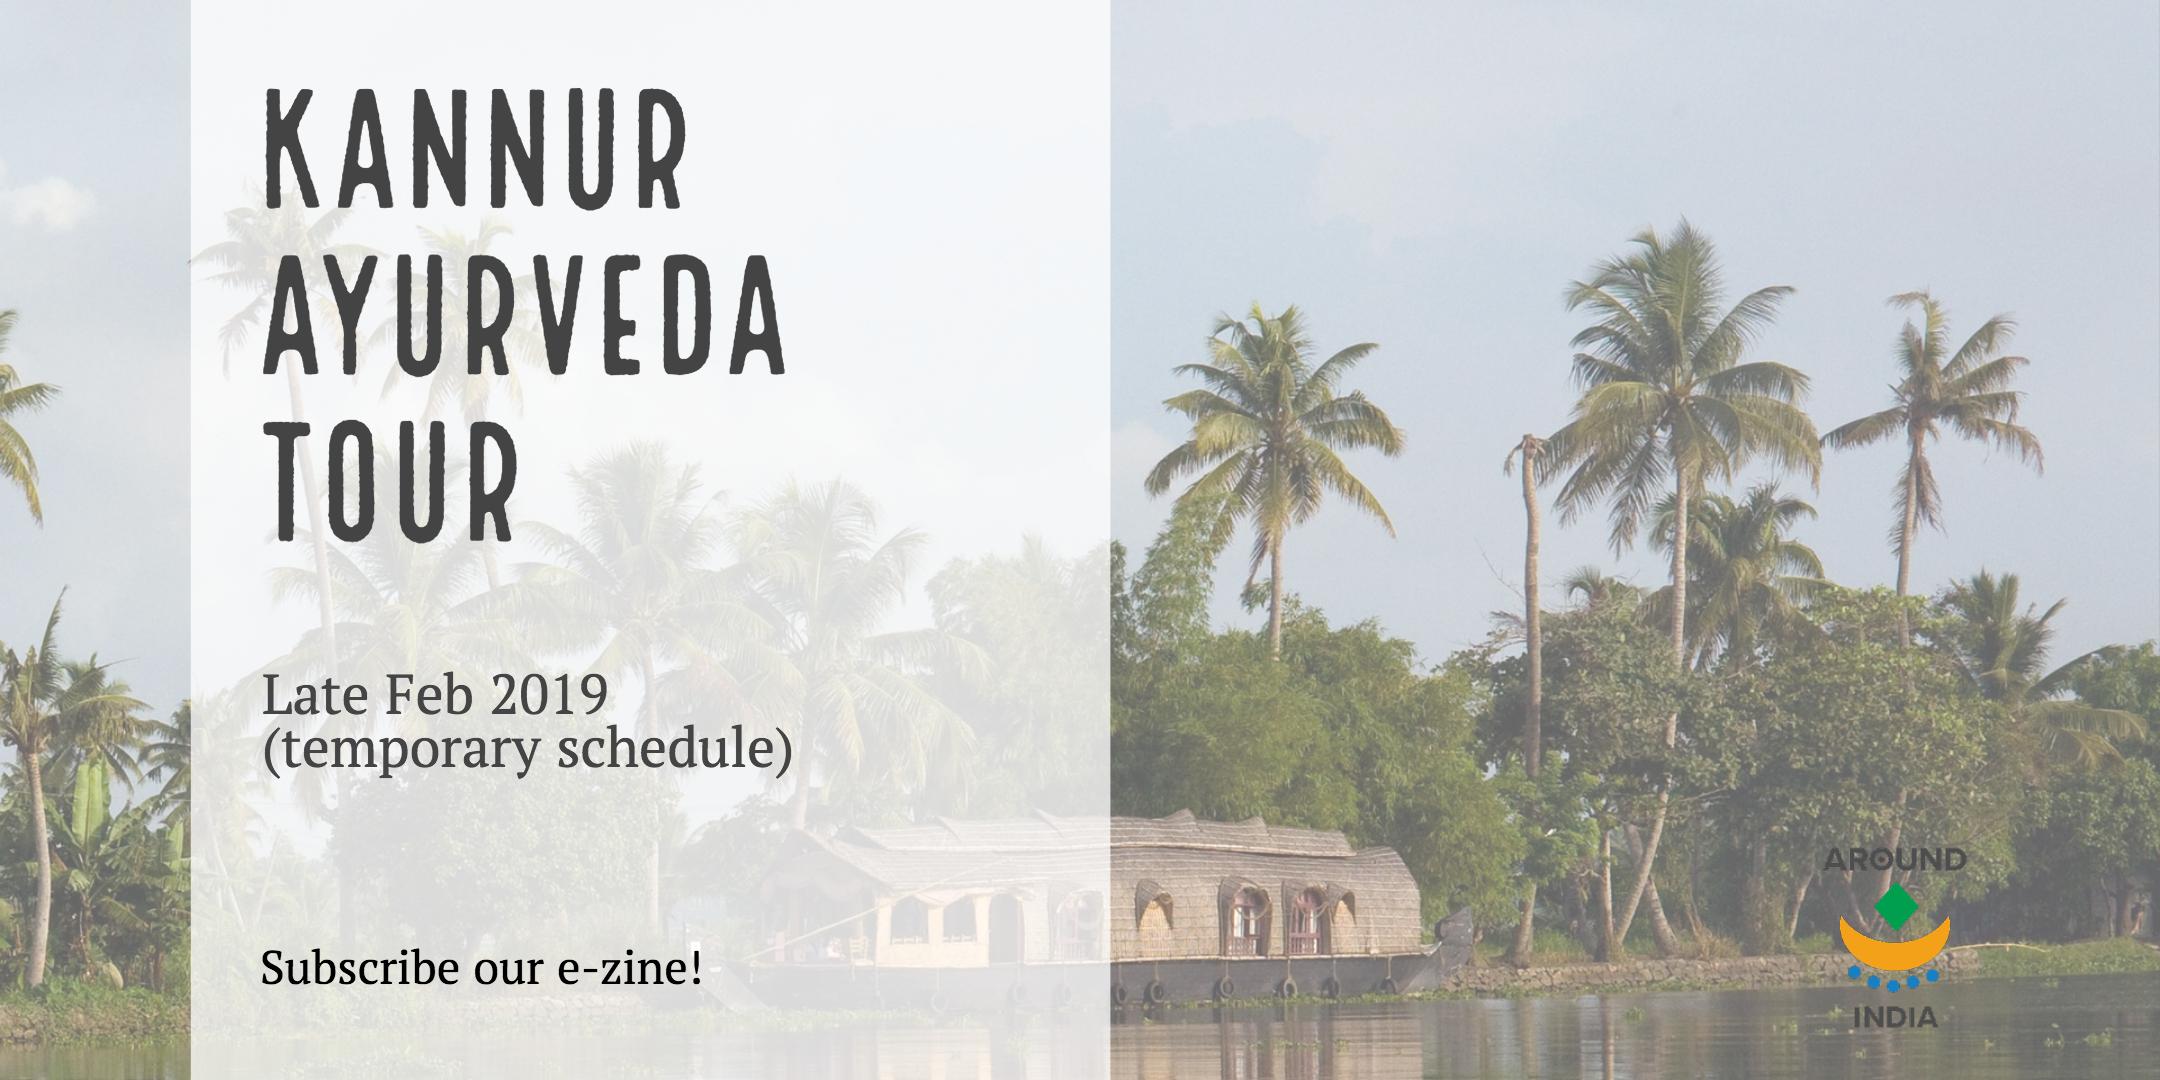 【終了】2019年2月 南インド・ケララ!アーユルヴェーダ病院に滞在しながら体験するツアー